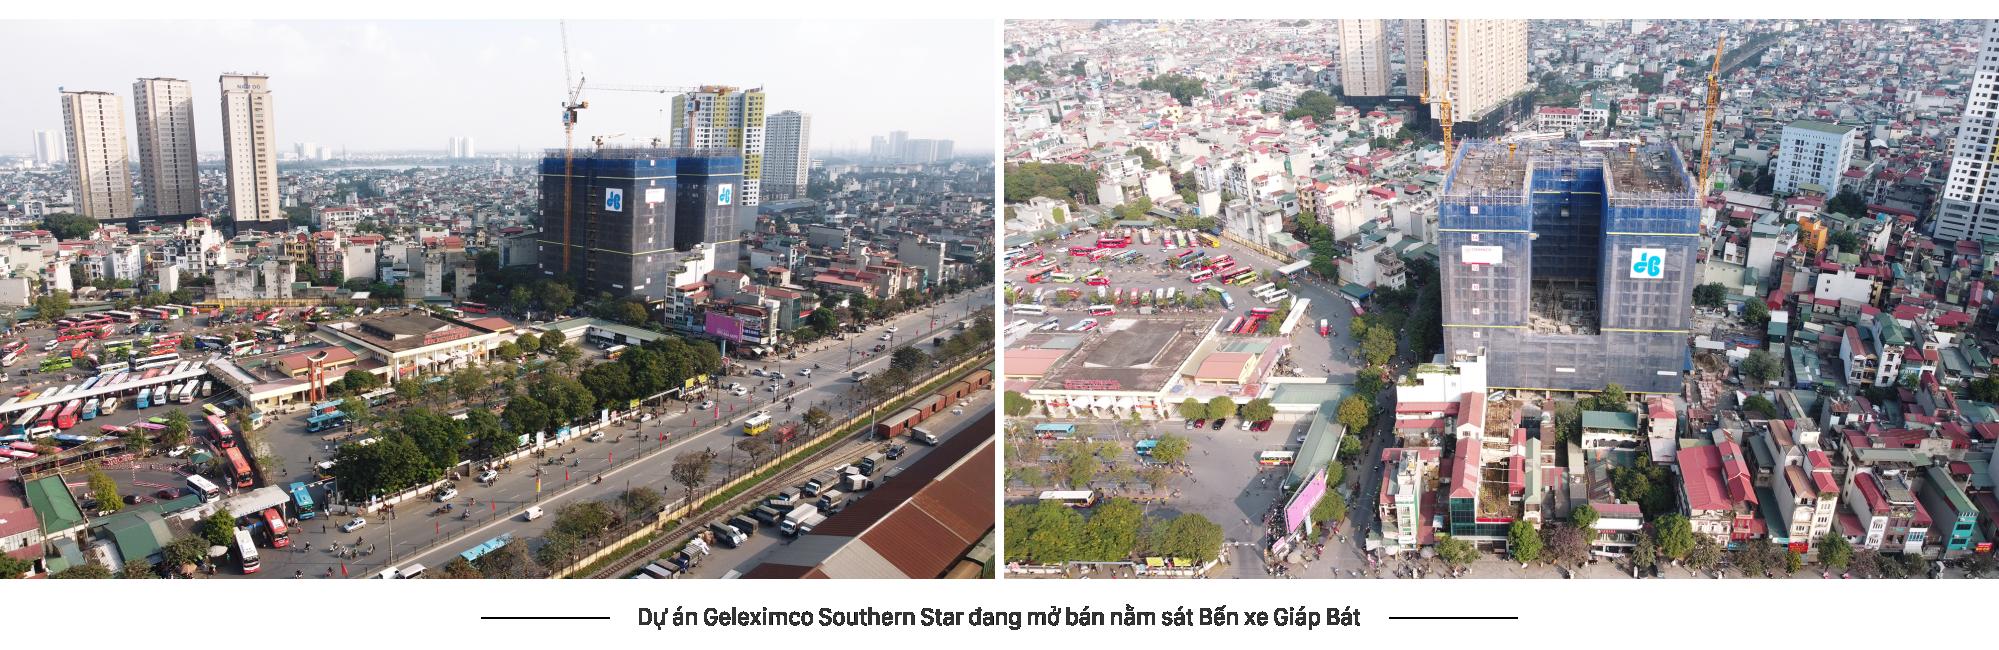 Review dự án Geleximco Southern Star đang mở bán: Gần đường hướng tâm Giải Phóng, trung bình 31 triệu đồng/m2 - Ảnh 1.